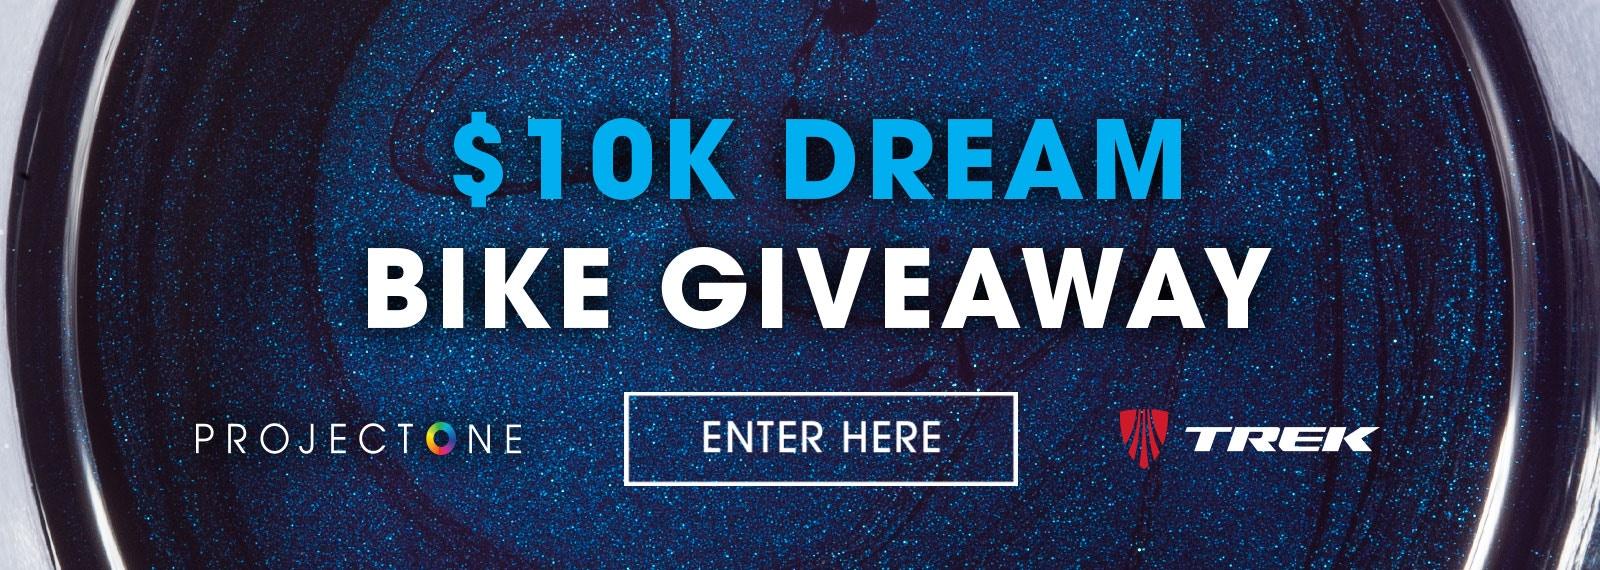 $10k Dream Bike Giveaway